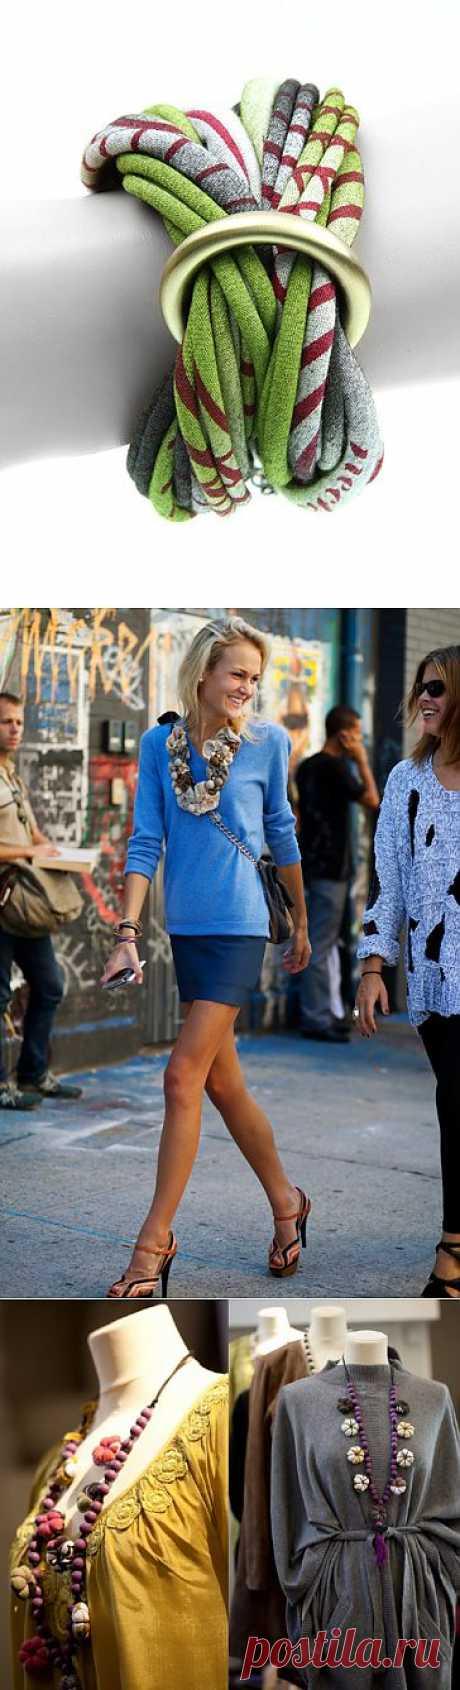 ...из остатков ткани.... / Украшения и бижутерия / Модный сайт о стильной переделке одежды и интерьера